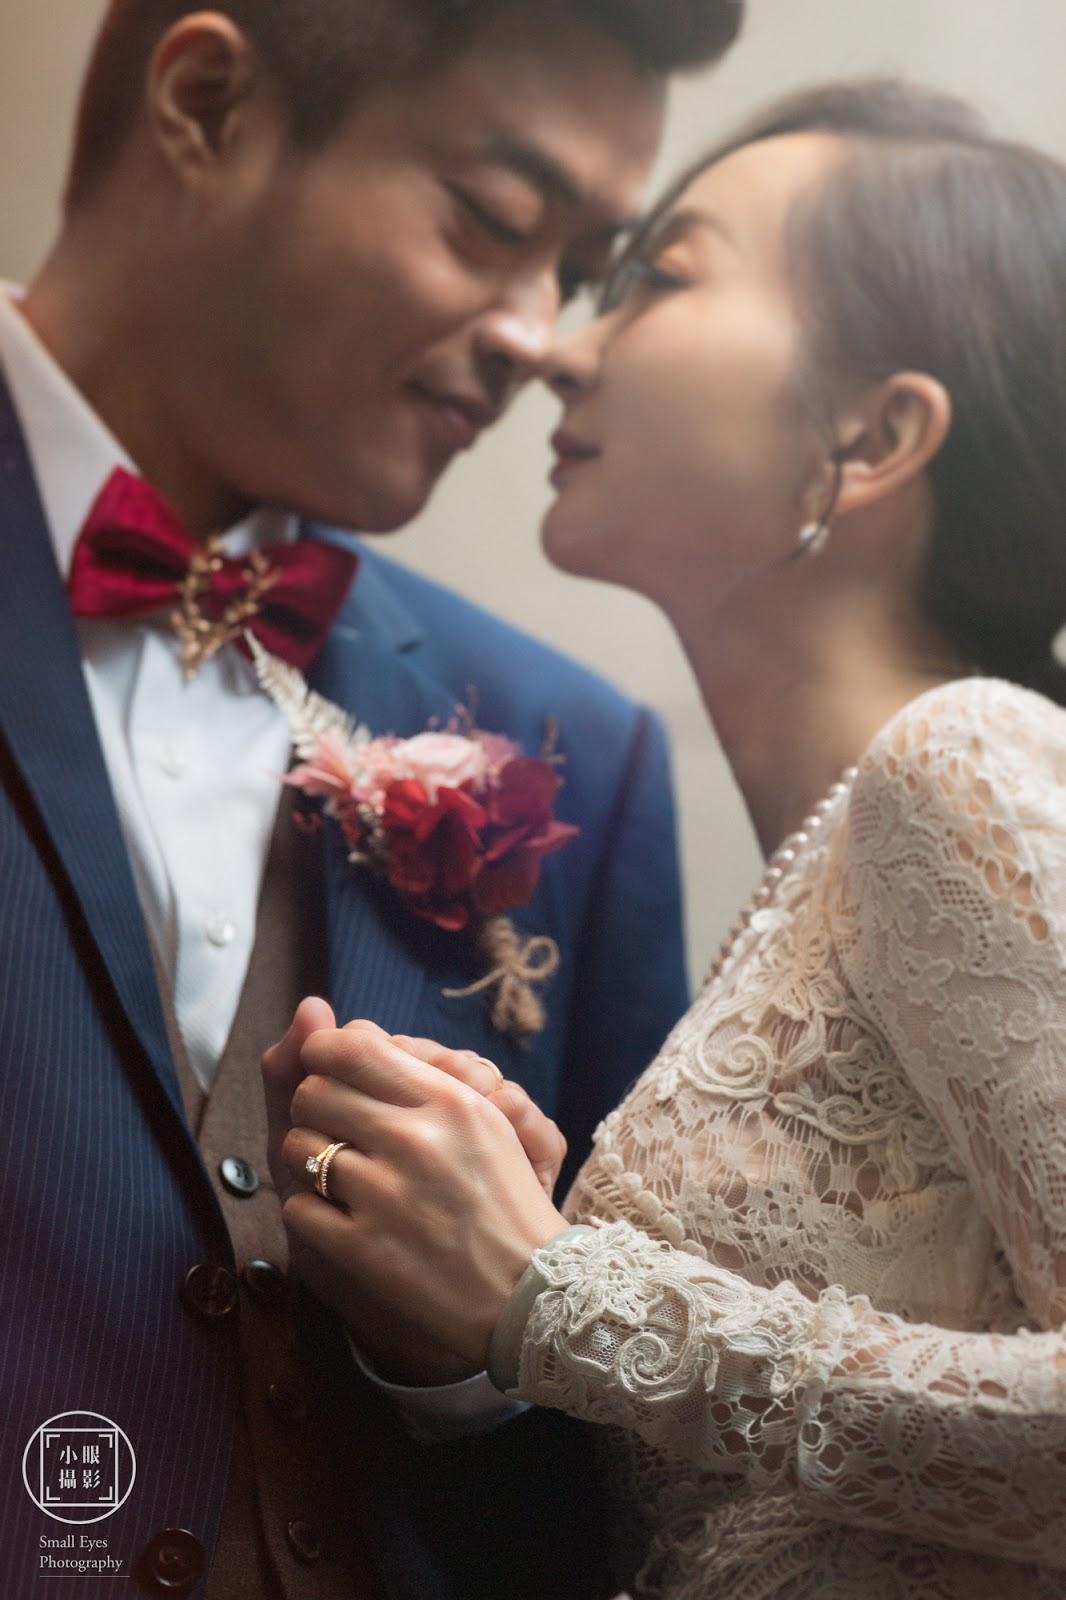 傅祐承,婚攝,婚禮攝影,小眼攝影,婚禮紀實,婚禮紀錄,結婚,婚禮,儀式,文定,文訂,迎娶,闖關,婚紗,國內婚紗,海外婚紗,寫真,婚攝小眼,台北,自主婚紗,自助婚紗,真的好,海鮮餐廳,